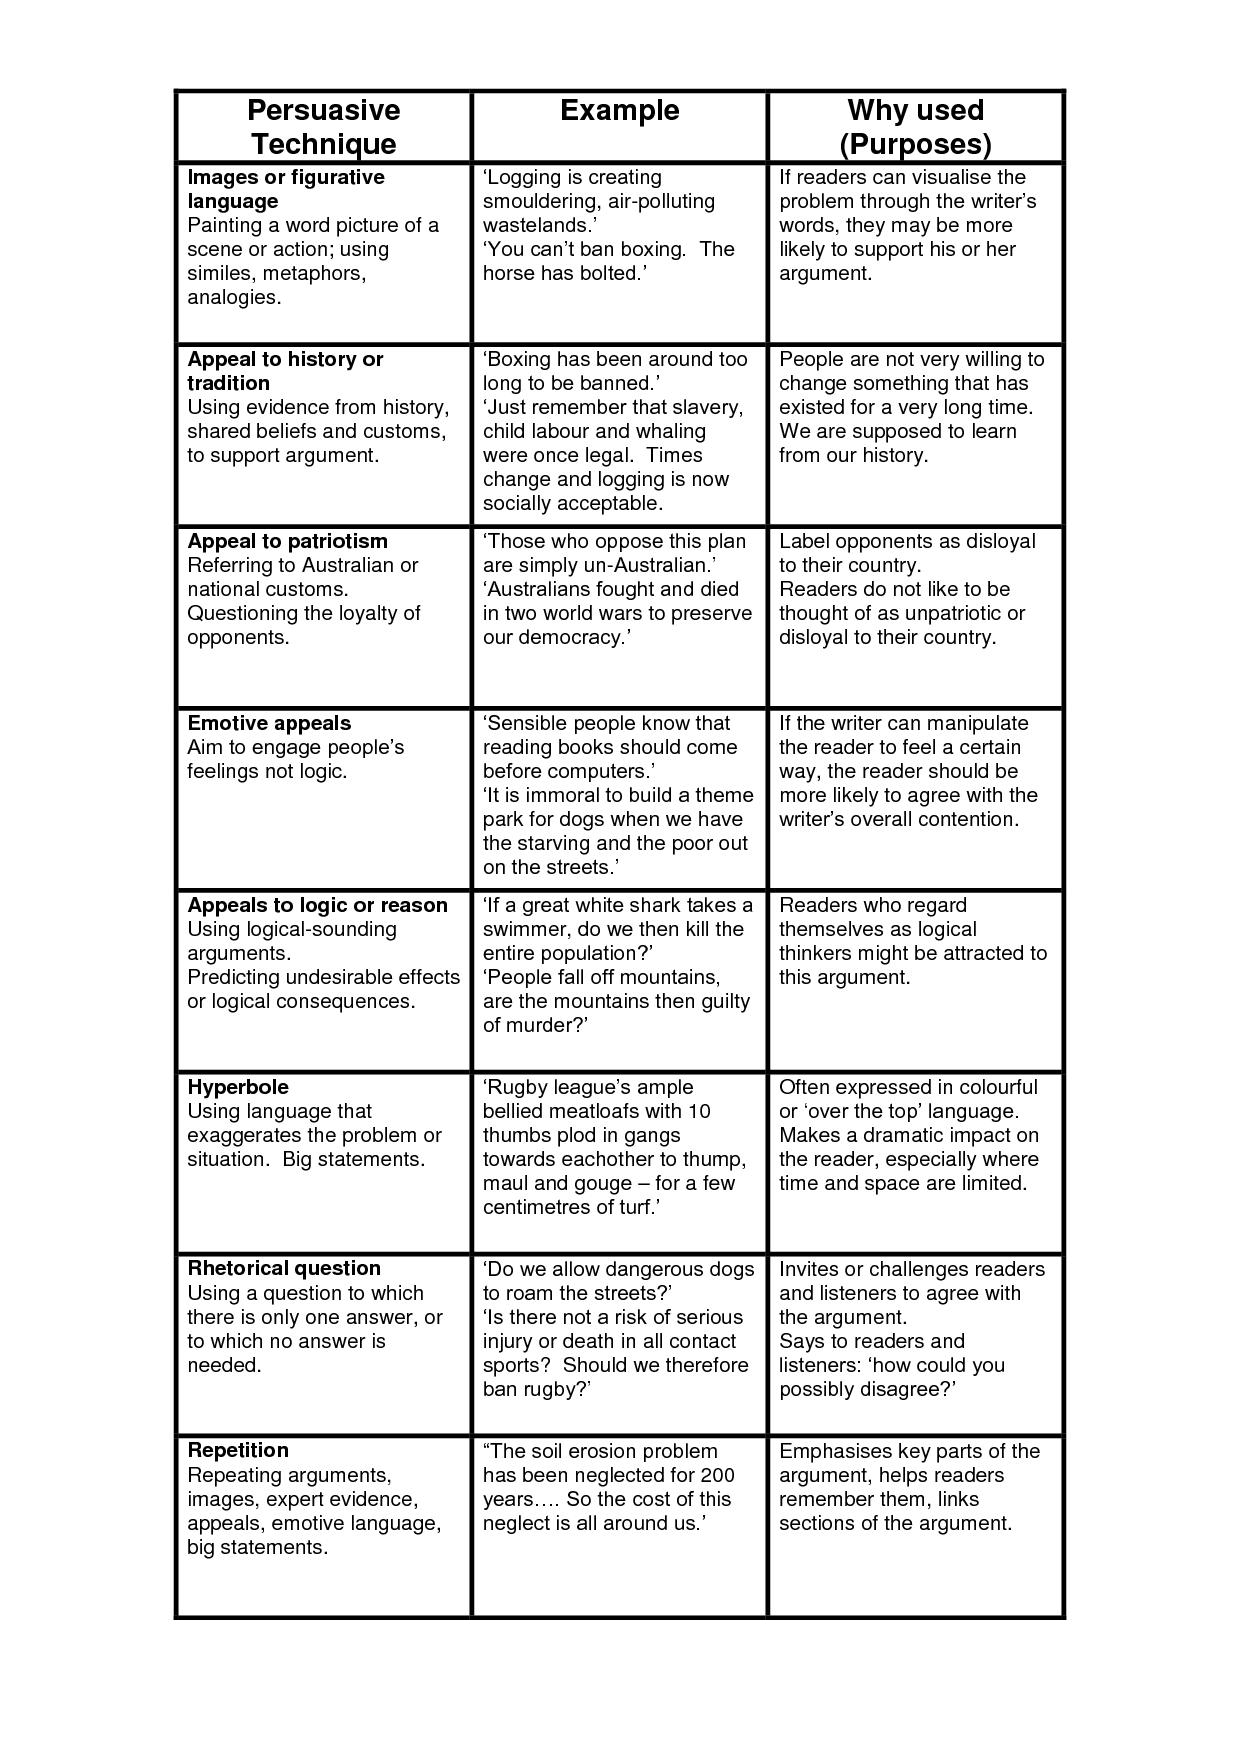 medium resolution of Persuasion techniques   Persuasive techniques